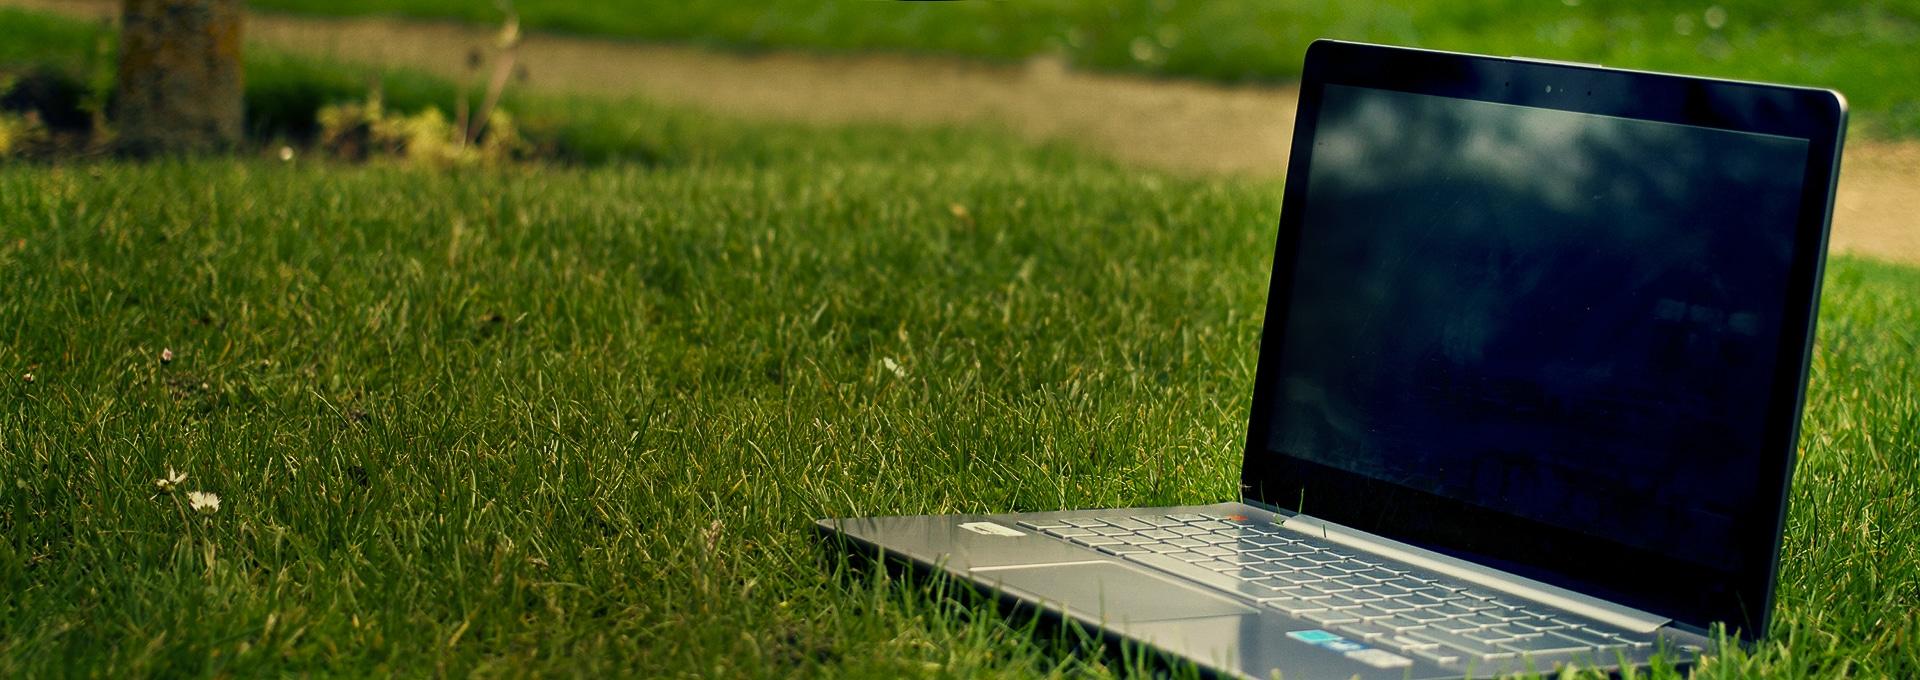 Bærbar PC i parken